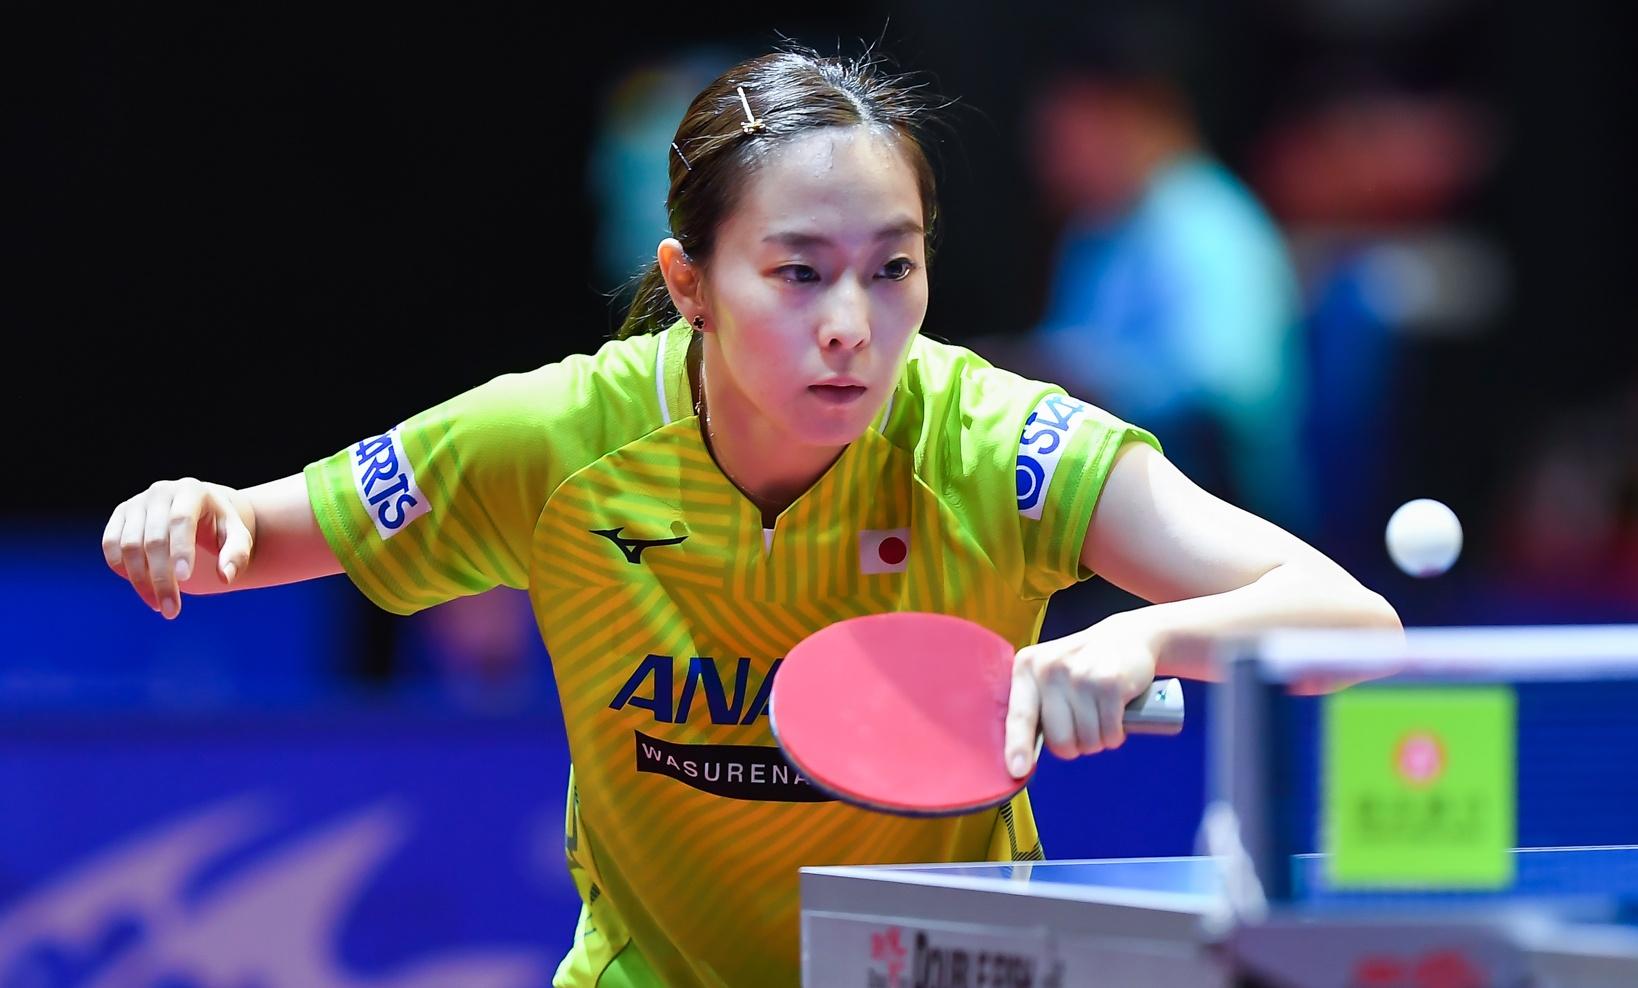 石川佳純、中国選手に惜敗 3度目の正直ならず<卓球・オーストリアオープン>